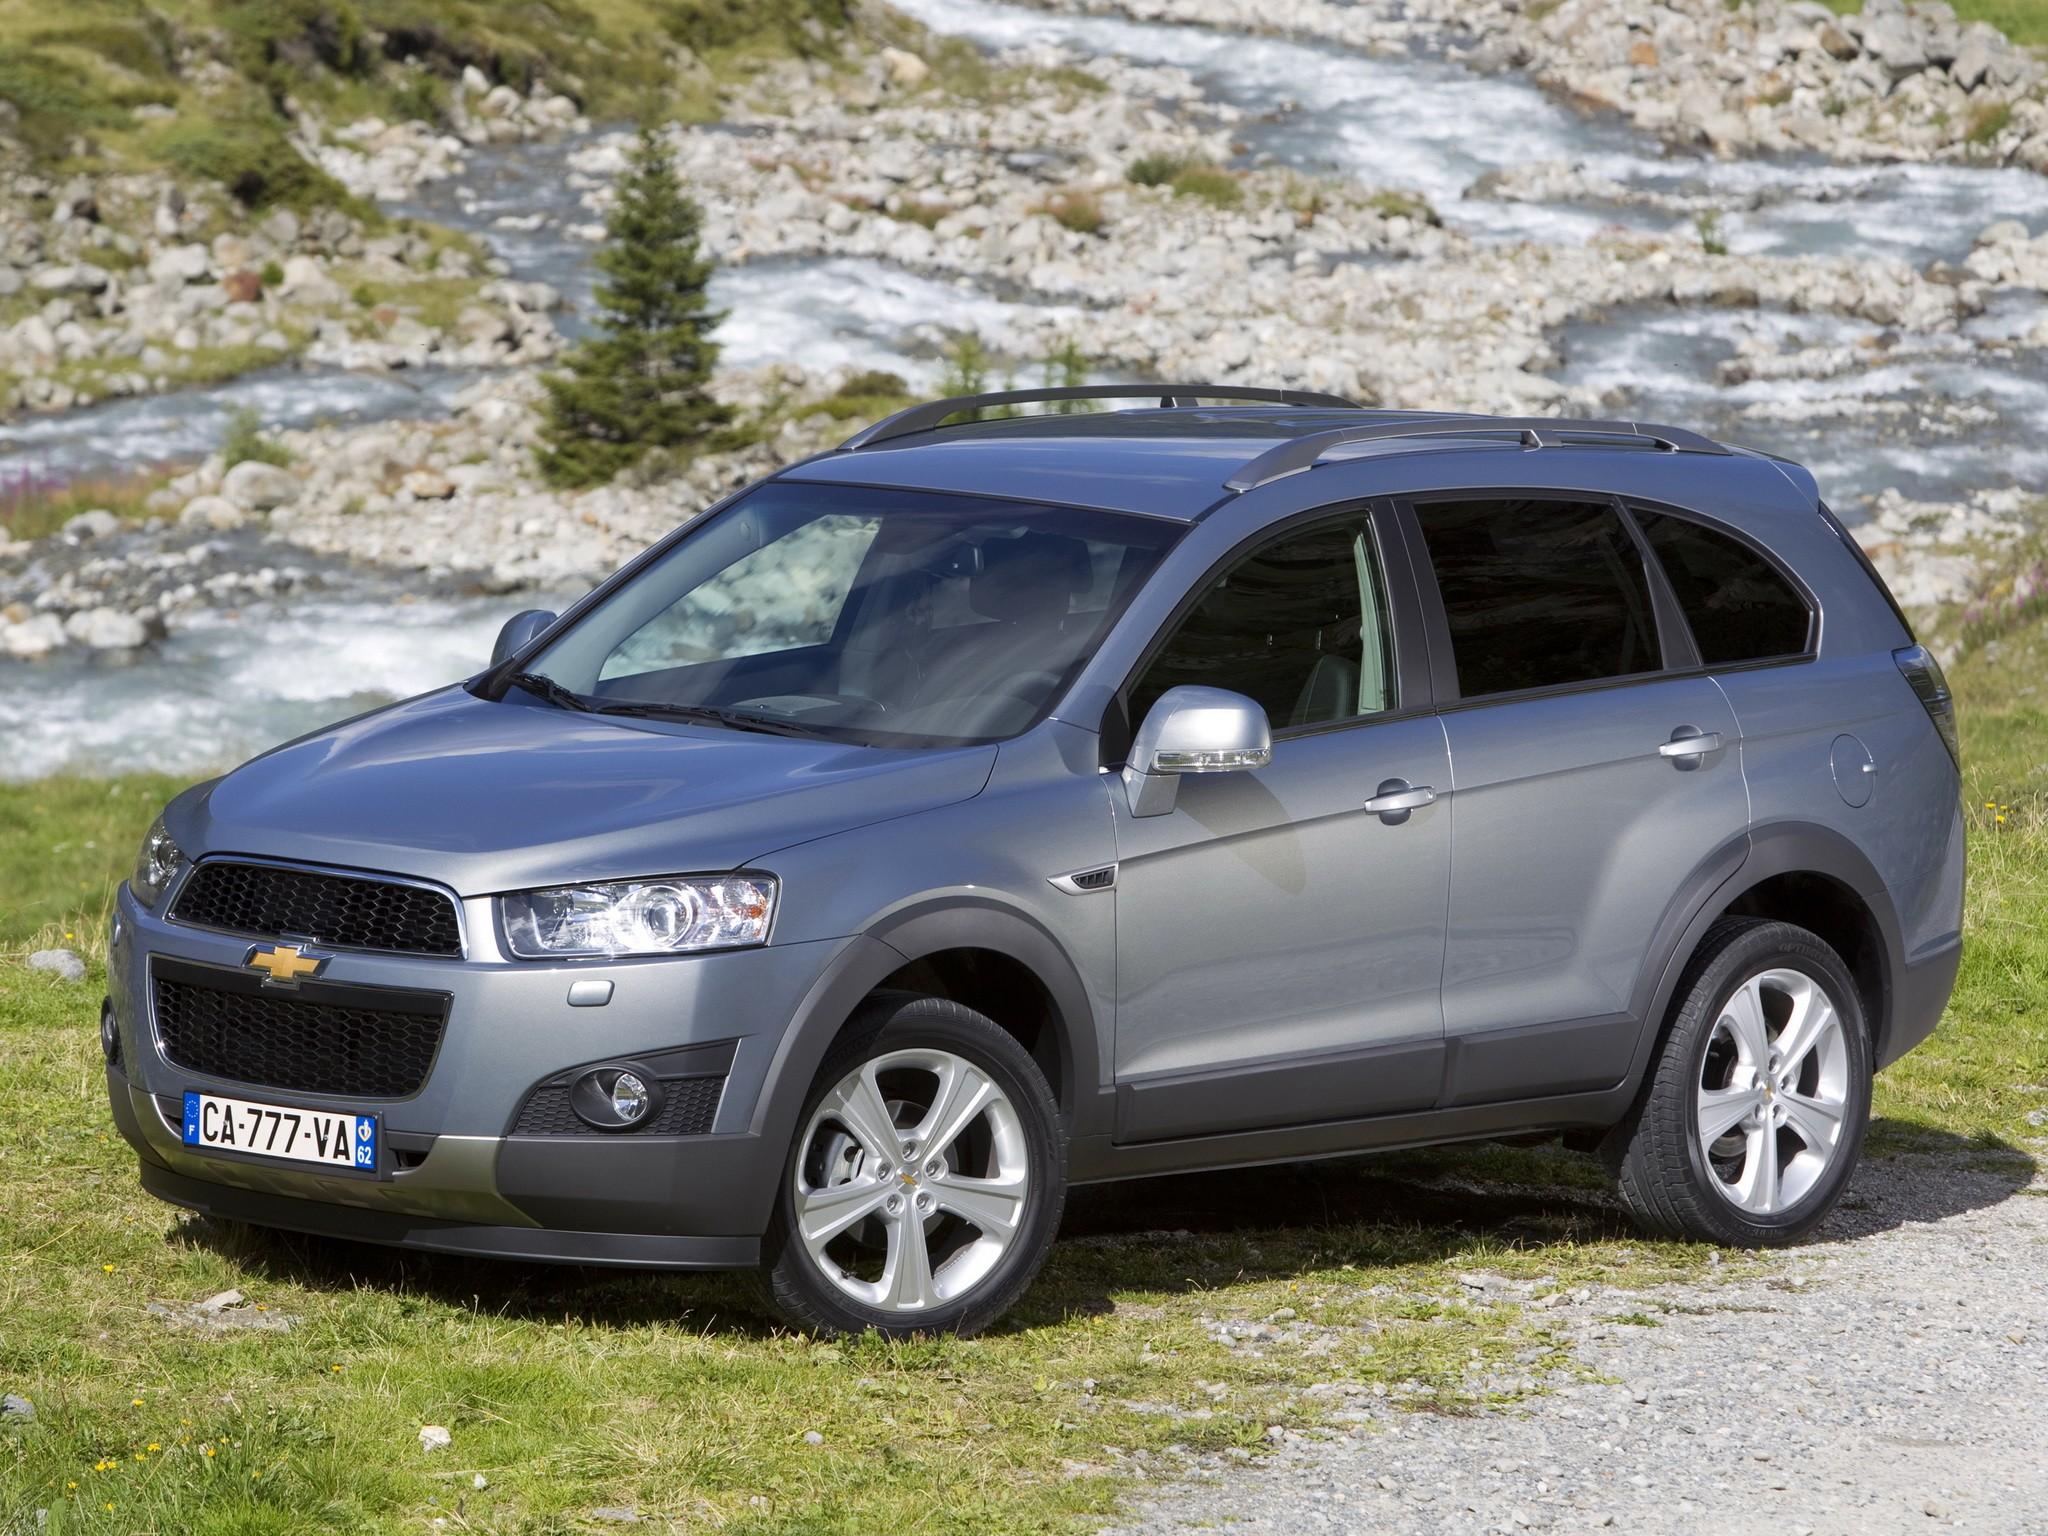 Kelebihan Kekurangan Chevrolet Captiva 2011 Perbandingan Harga